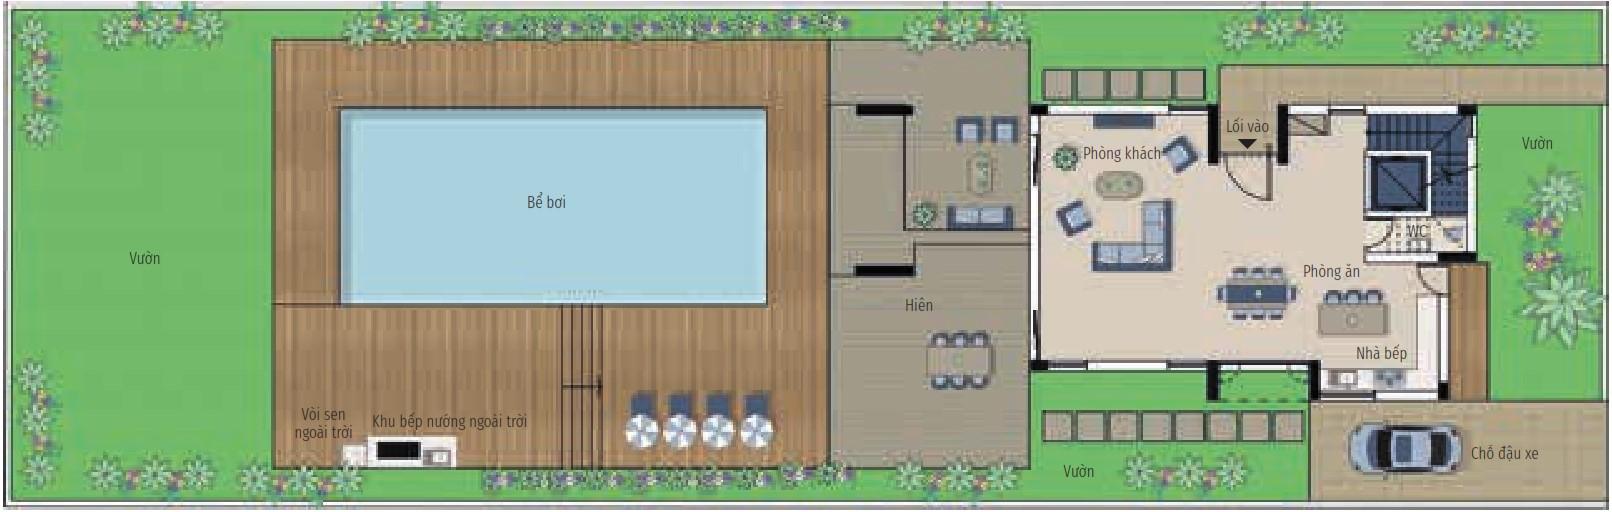 Bất động sản Citrine - Biệt thự 3 phòng ngủ